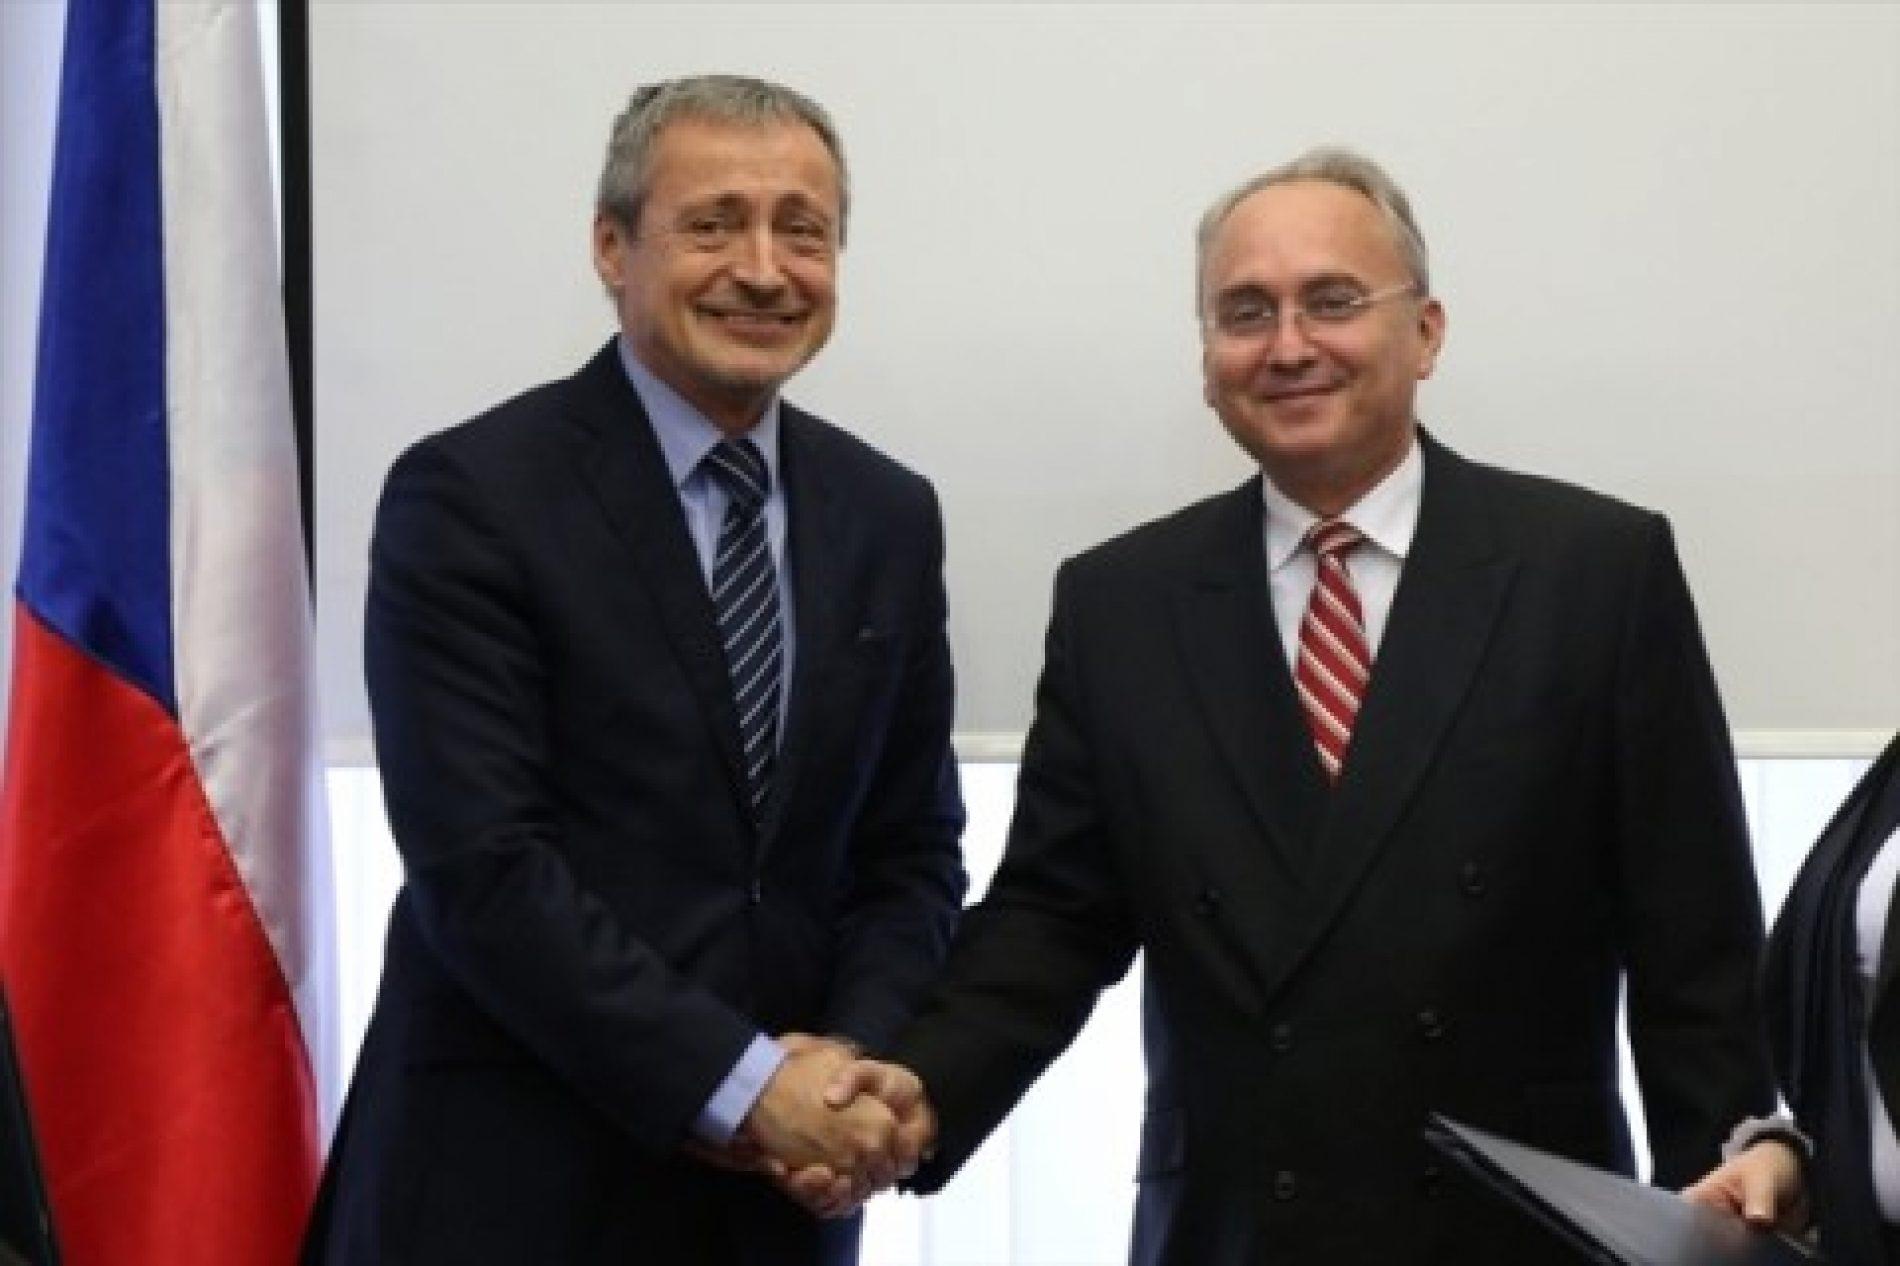 Stropnicky: Republika Çeke do të vazhdojë mbështetjen për Maqedoninë